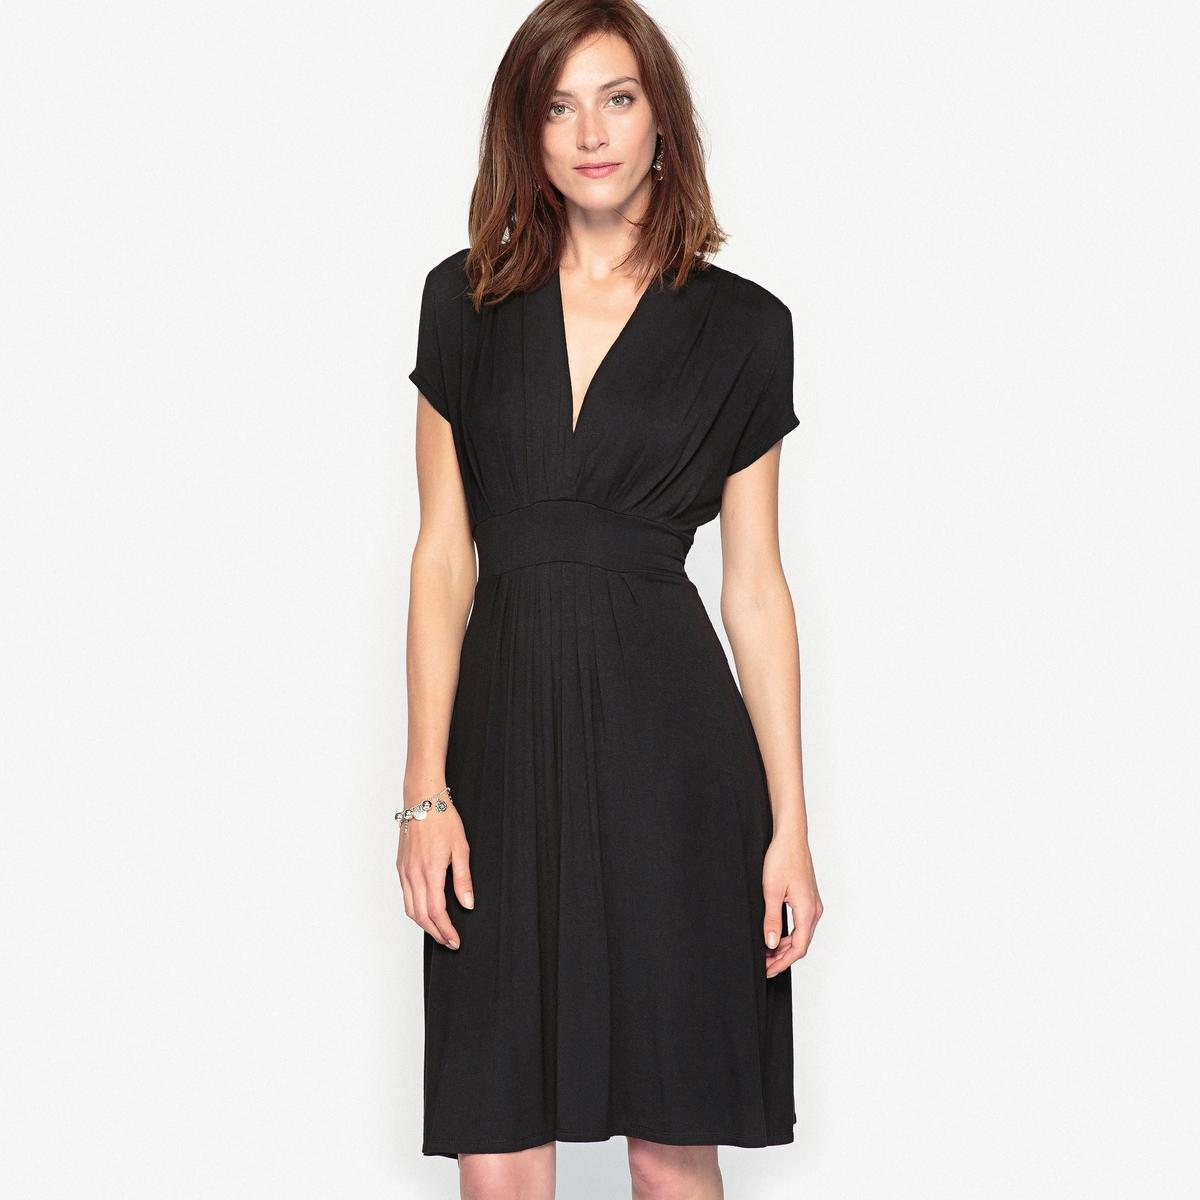 Платье расклешенное из мягкого трикотажаРасклешенное платье. Складки на V-образном вырезе и ниже пояса. Отрезное по талии. С поясом.Состав и описание :Материал : Трикотаж джерси 95% вискозы, 5% эластана  .Длина 95 см.Марка : Anne Weyburn.Уход :Машинная стирка при 30 °С с вещами схожих цветов.Гладить на низкой температуре.Барабанная сушка на умеренном режиме .<br><br>Цвет: черный